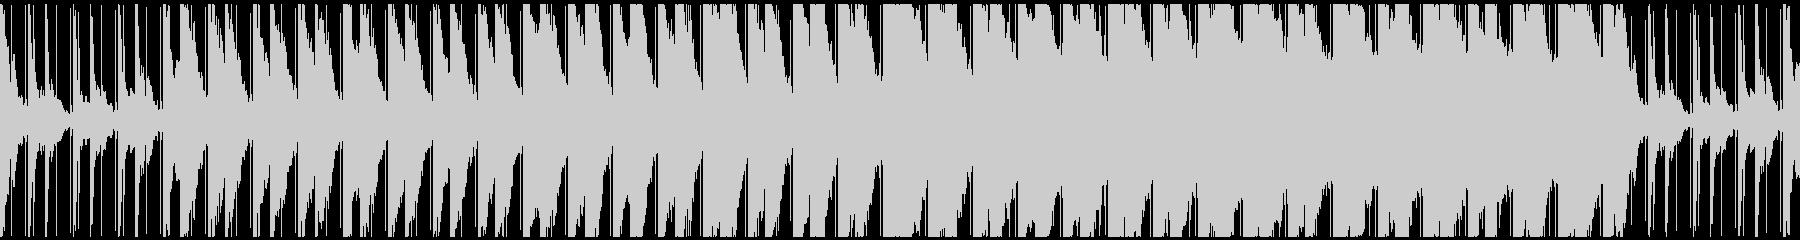 【ループ対応】幻想的・神秘的なEDMの未再生の波形